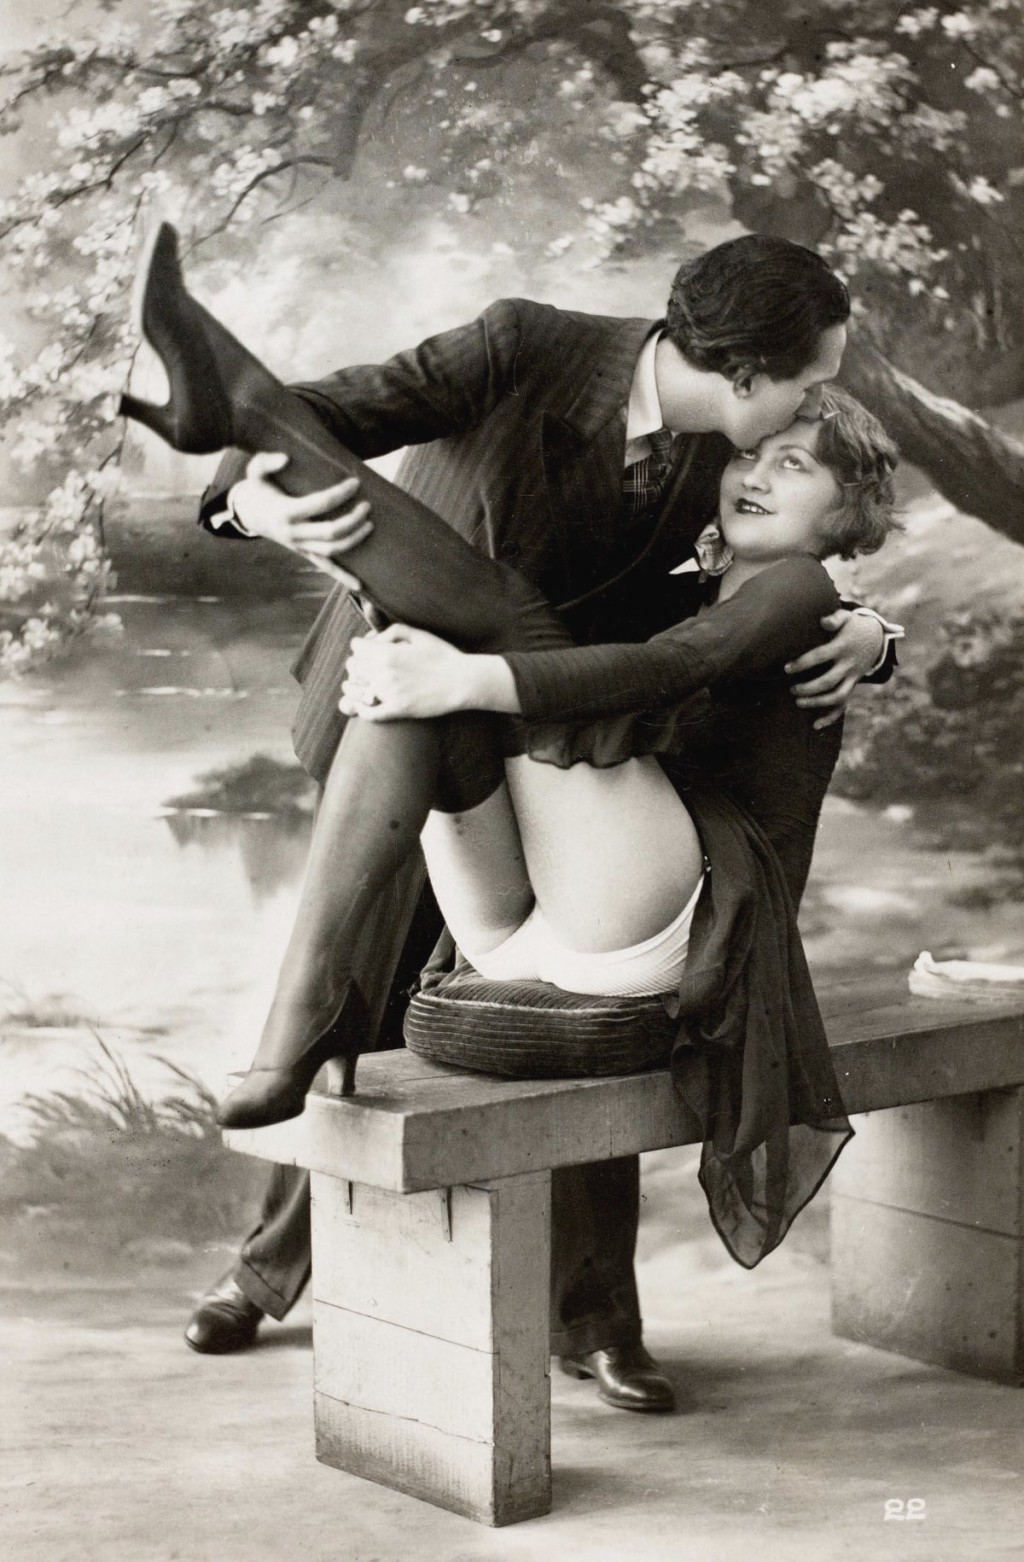 Эротика 19 го века как это делали тогда 15 фотография